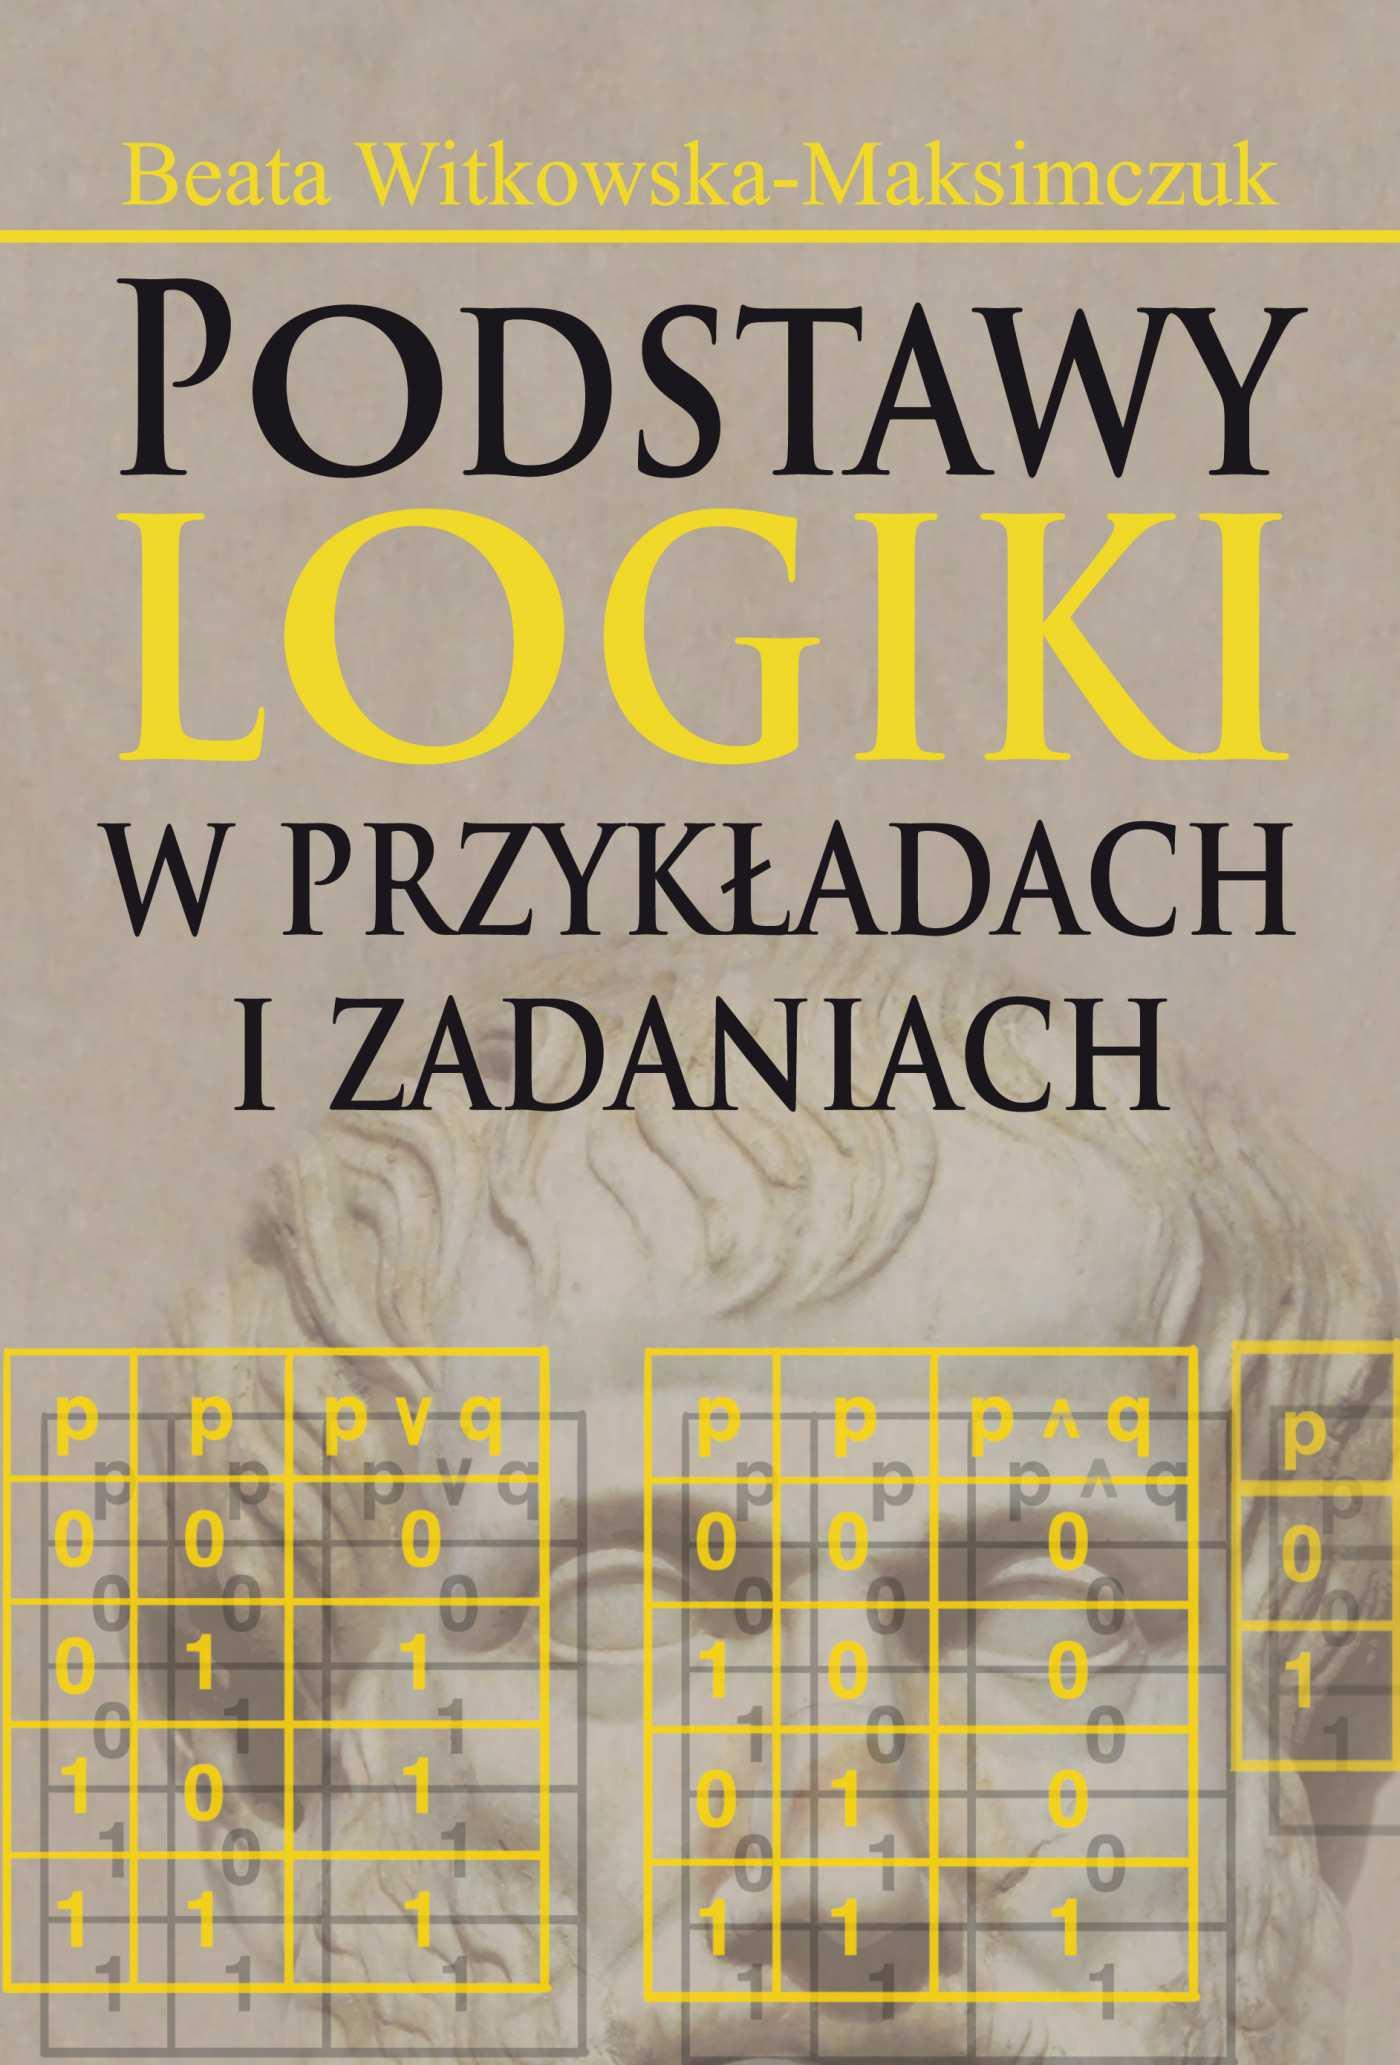 Podstawy logiki w przykładach i zadaniach - Ebook (Książka PDF) do pobrania w formacie PDF